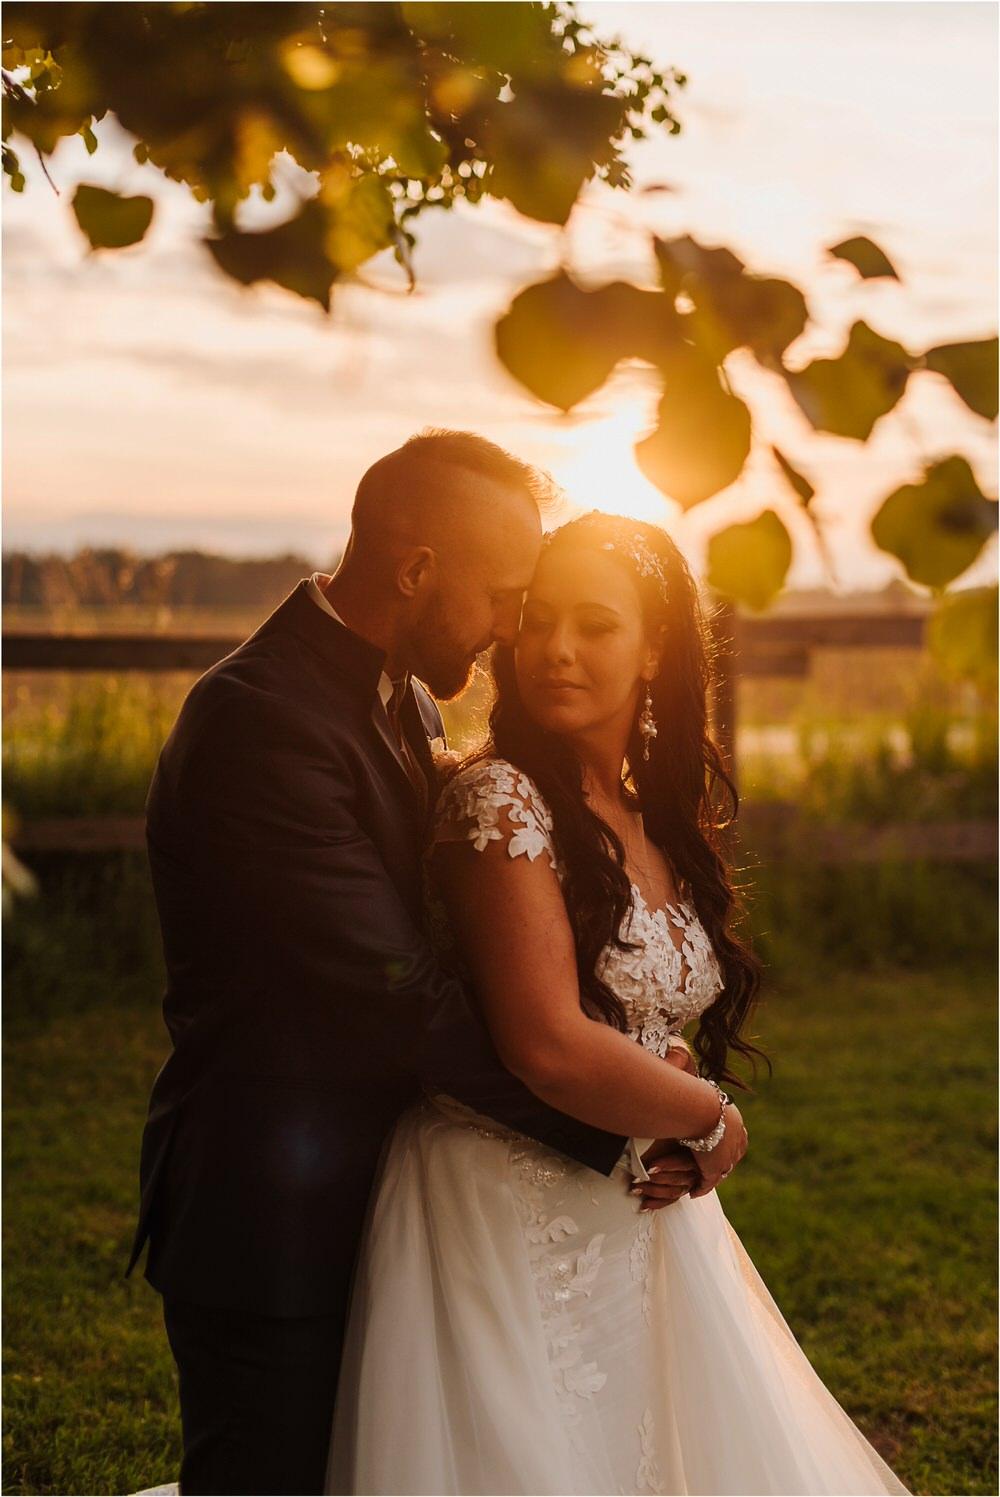 skedenj poroka porocni fotograf fotografiranje elegantna poroka rustikalna poroka pod kozolcem pcakes velesovo mdetail nika grega 0105.jpg